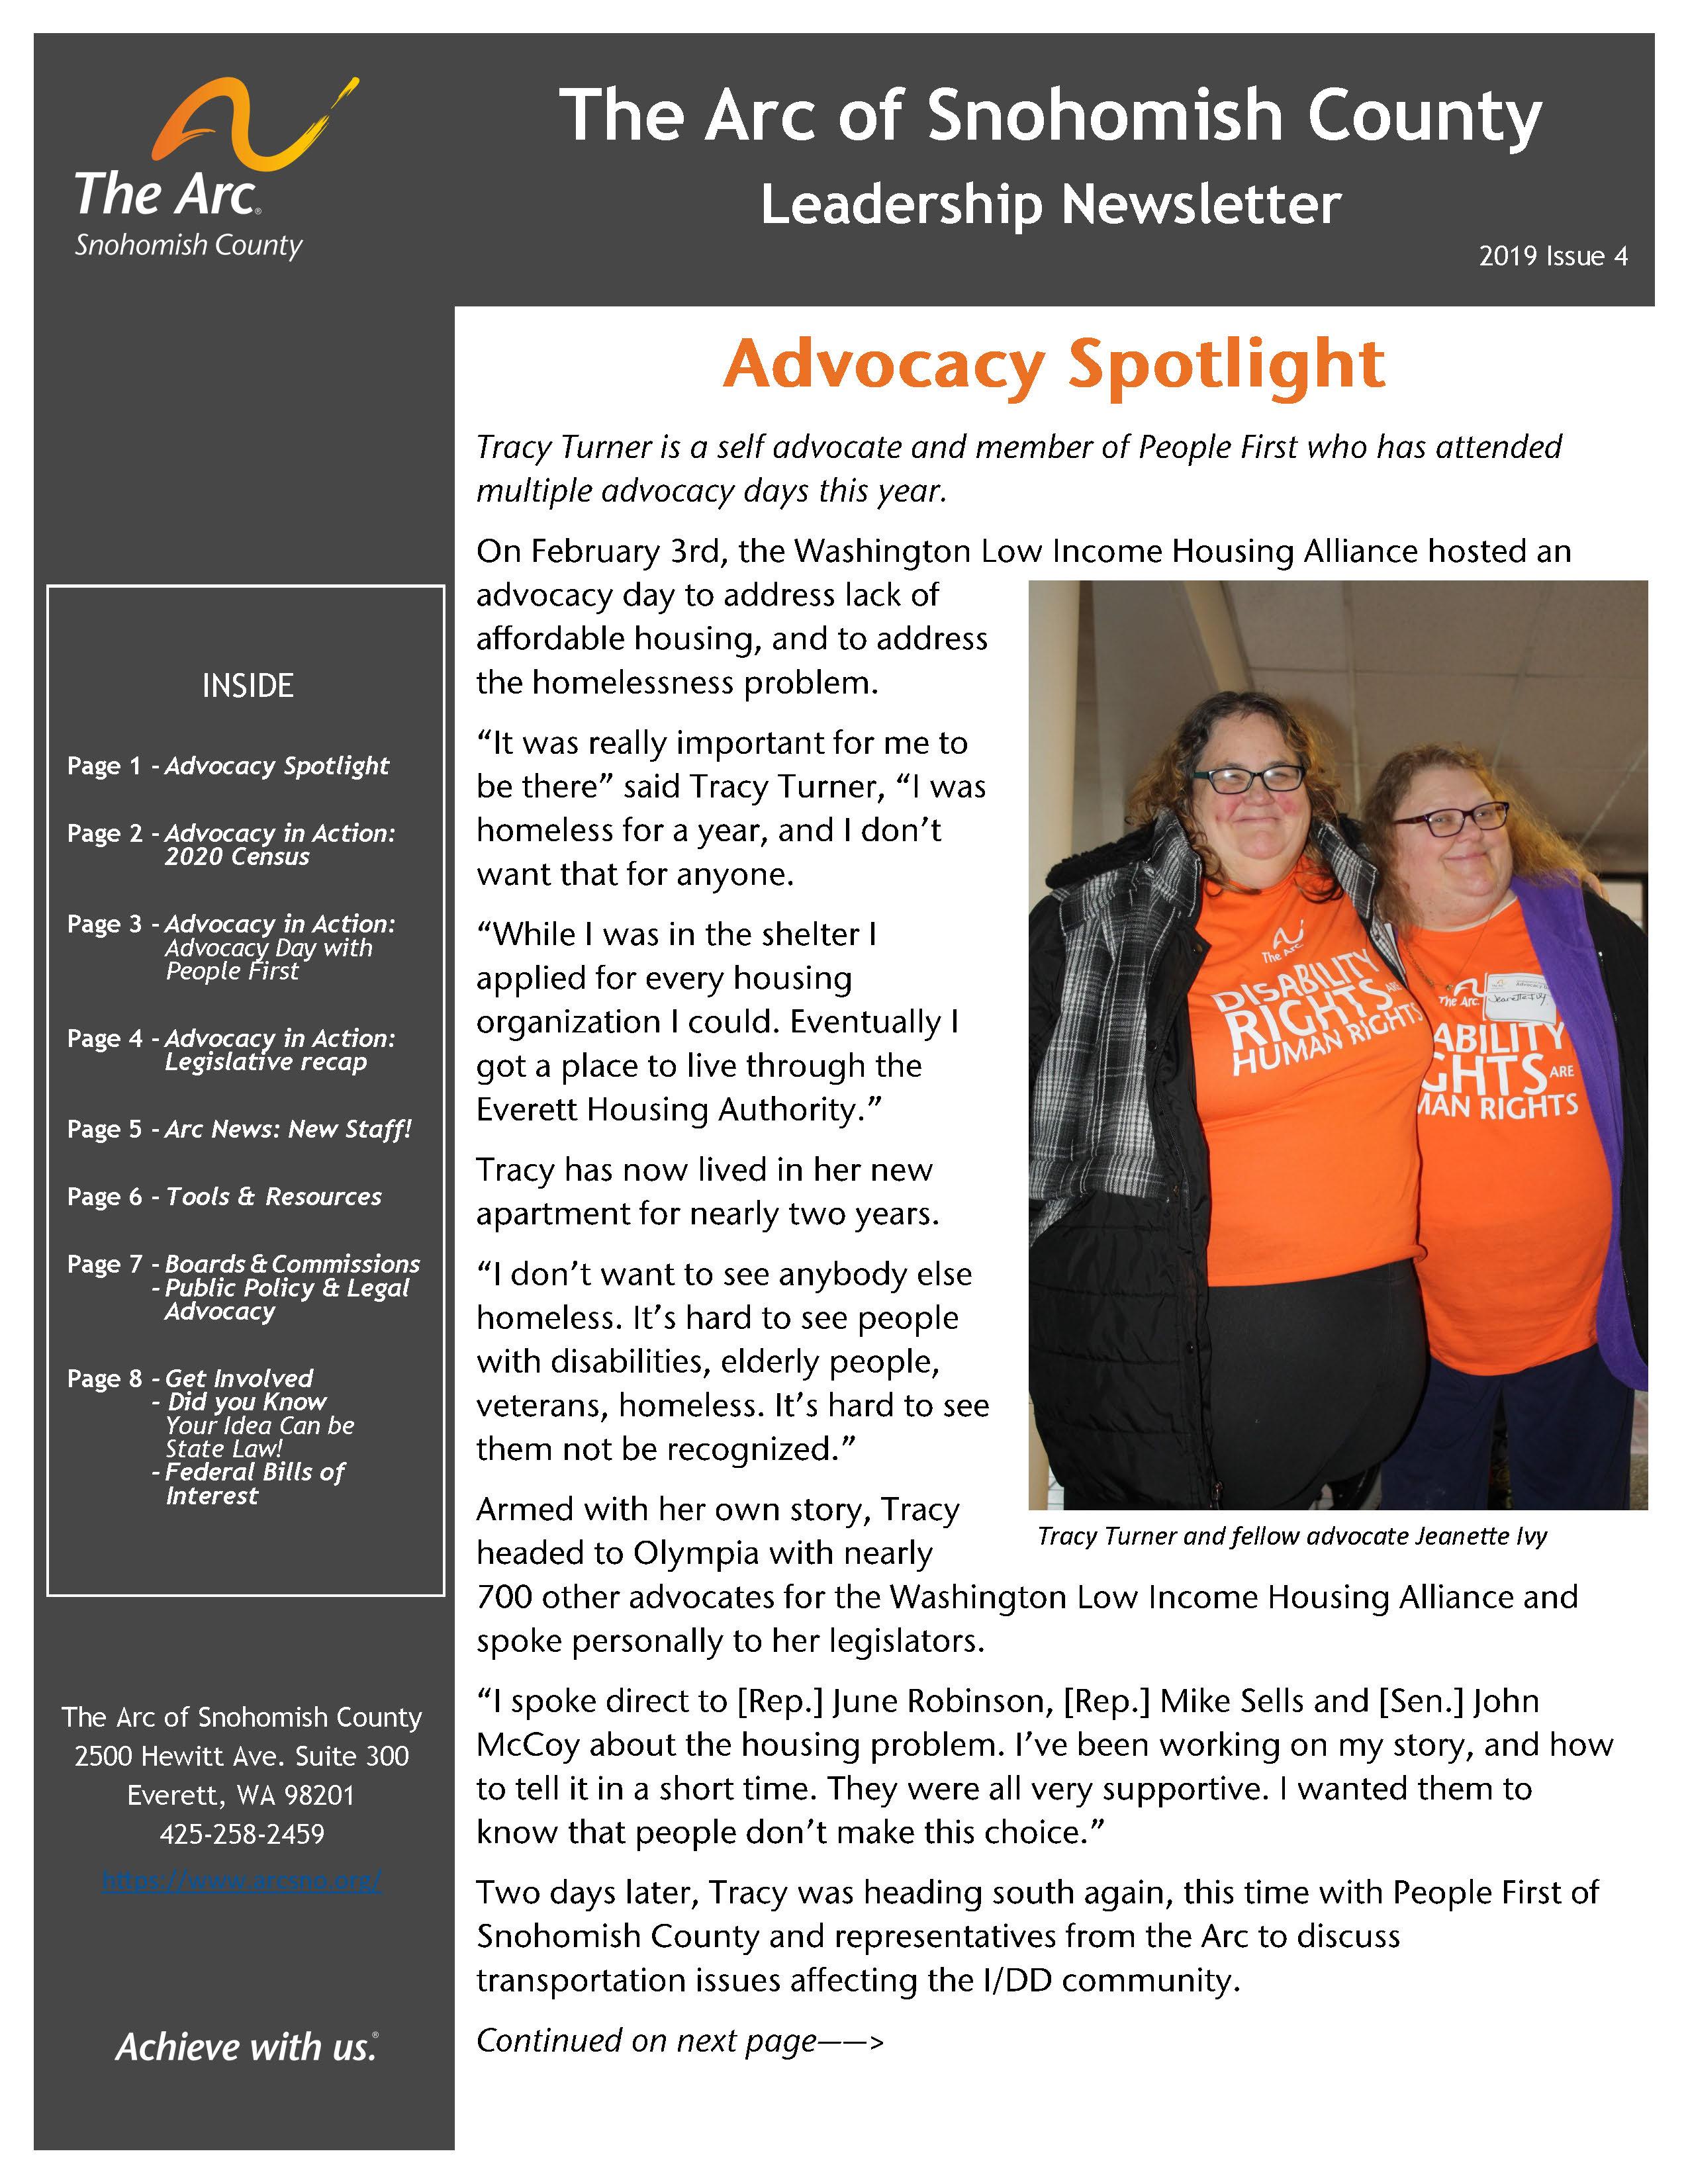 Leadership Newsletter 2020 Issue1